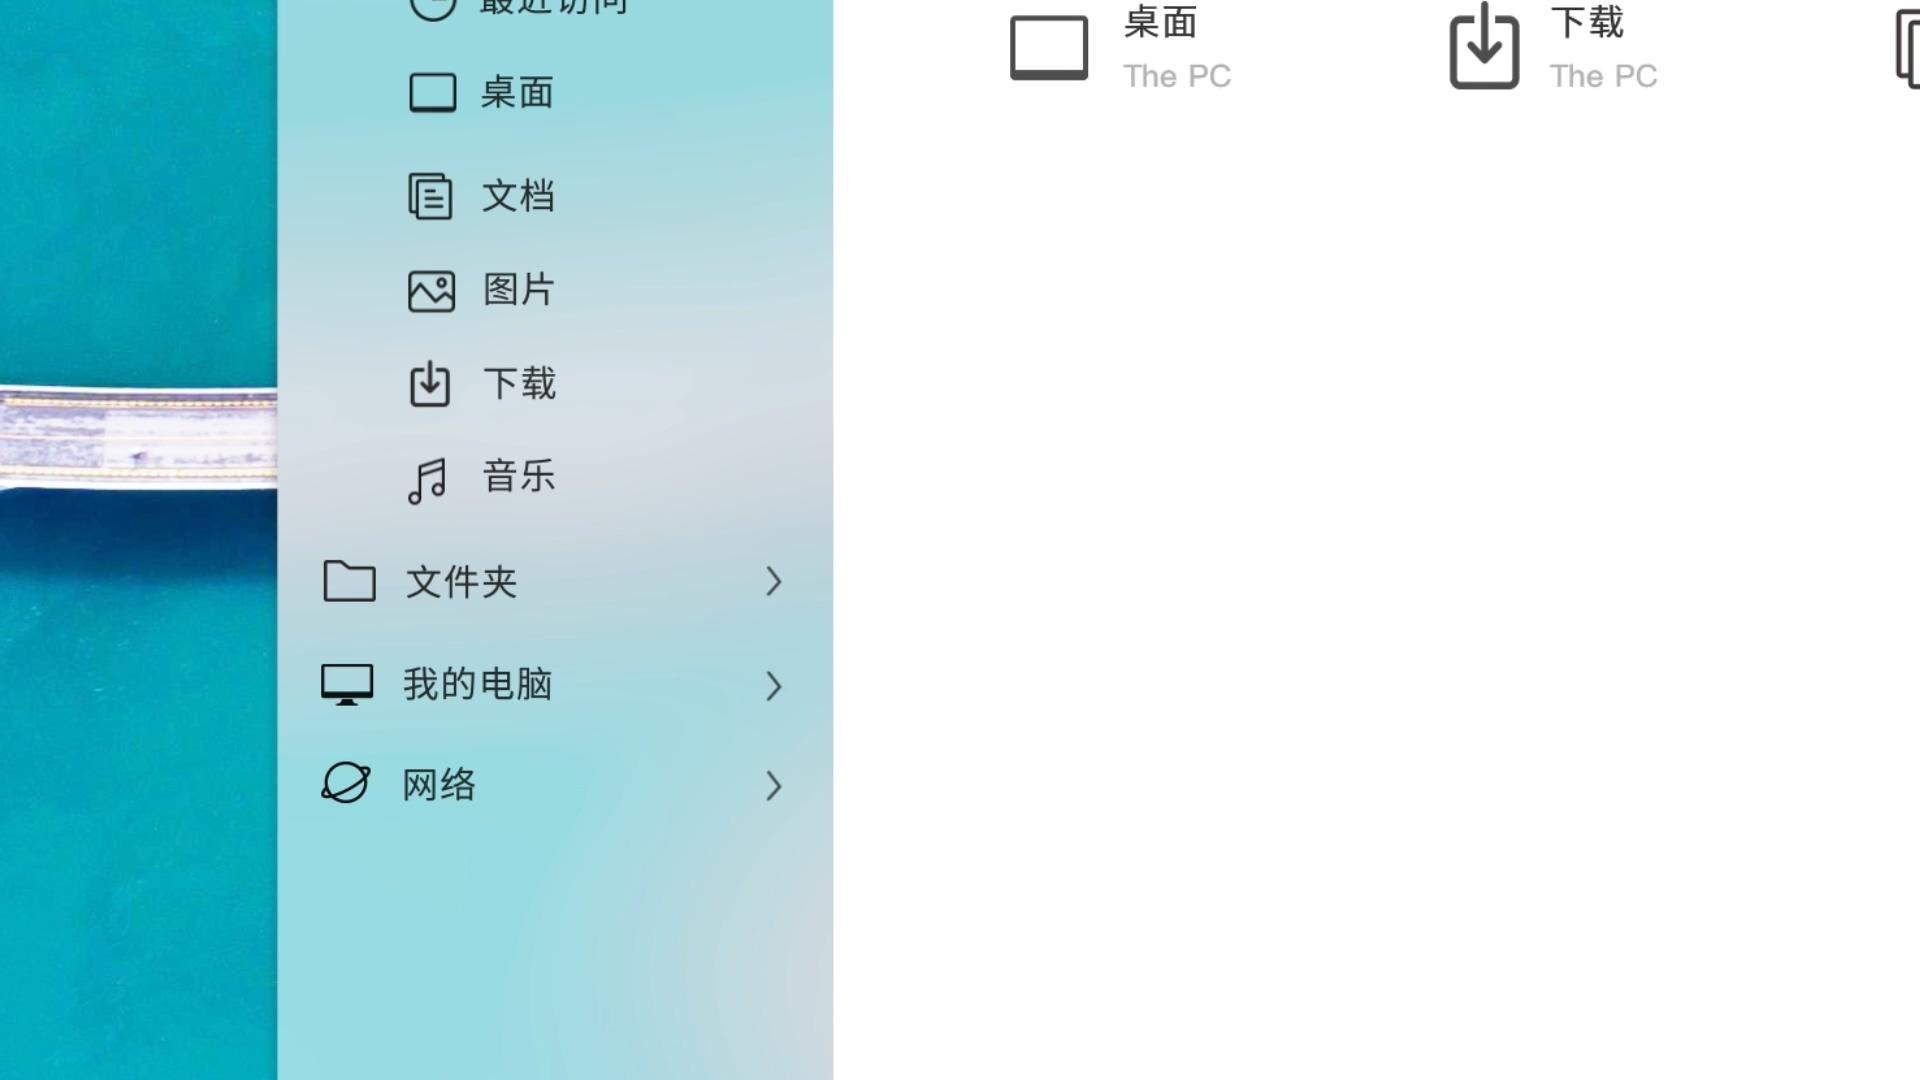 优麒麟系统UKUI 3.0重新设计文件管理器 比Win10还方便